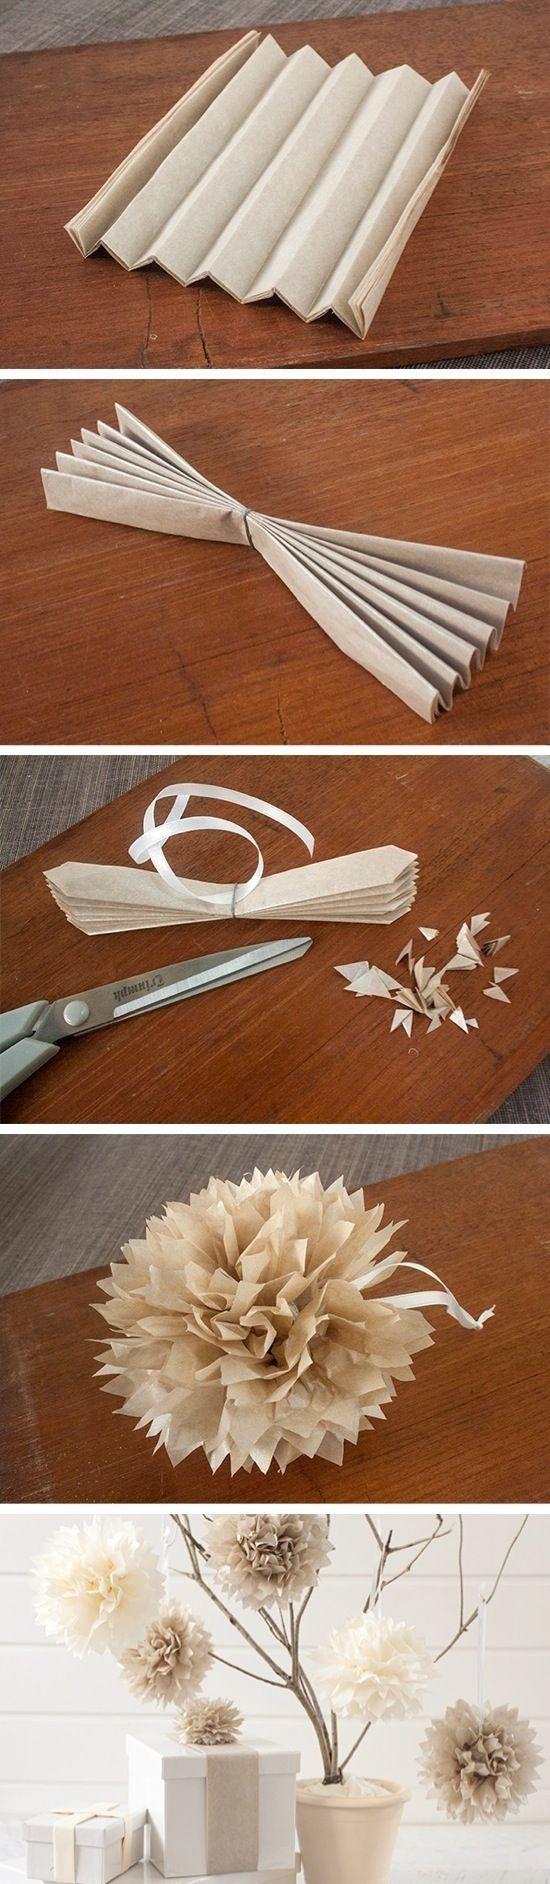 Como fazer pompons gigantes para enfeitar suas festas  Vejam que lindos esses pompons gigantes de papel!! Eles são...